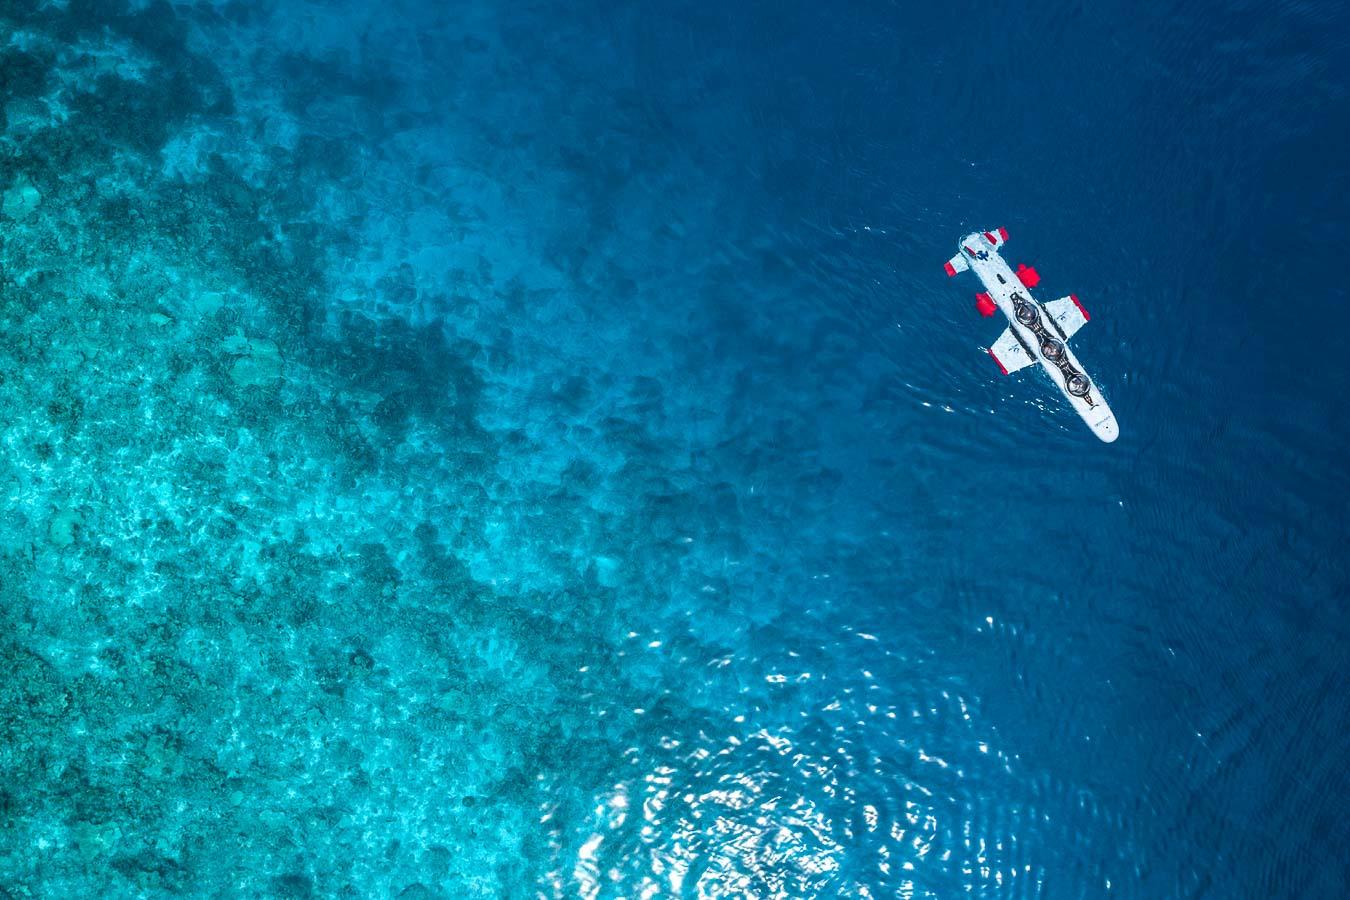 Four Seasons Maldives at Landaa Giraavaru - Sous-marin Super Falcon 3S - Vue aérienne